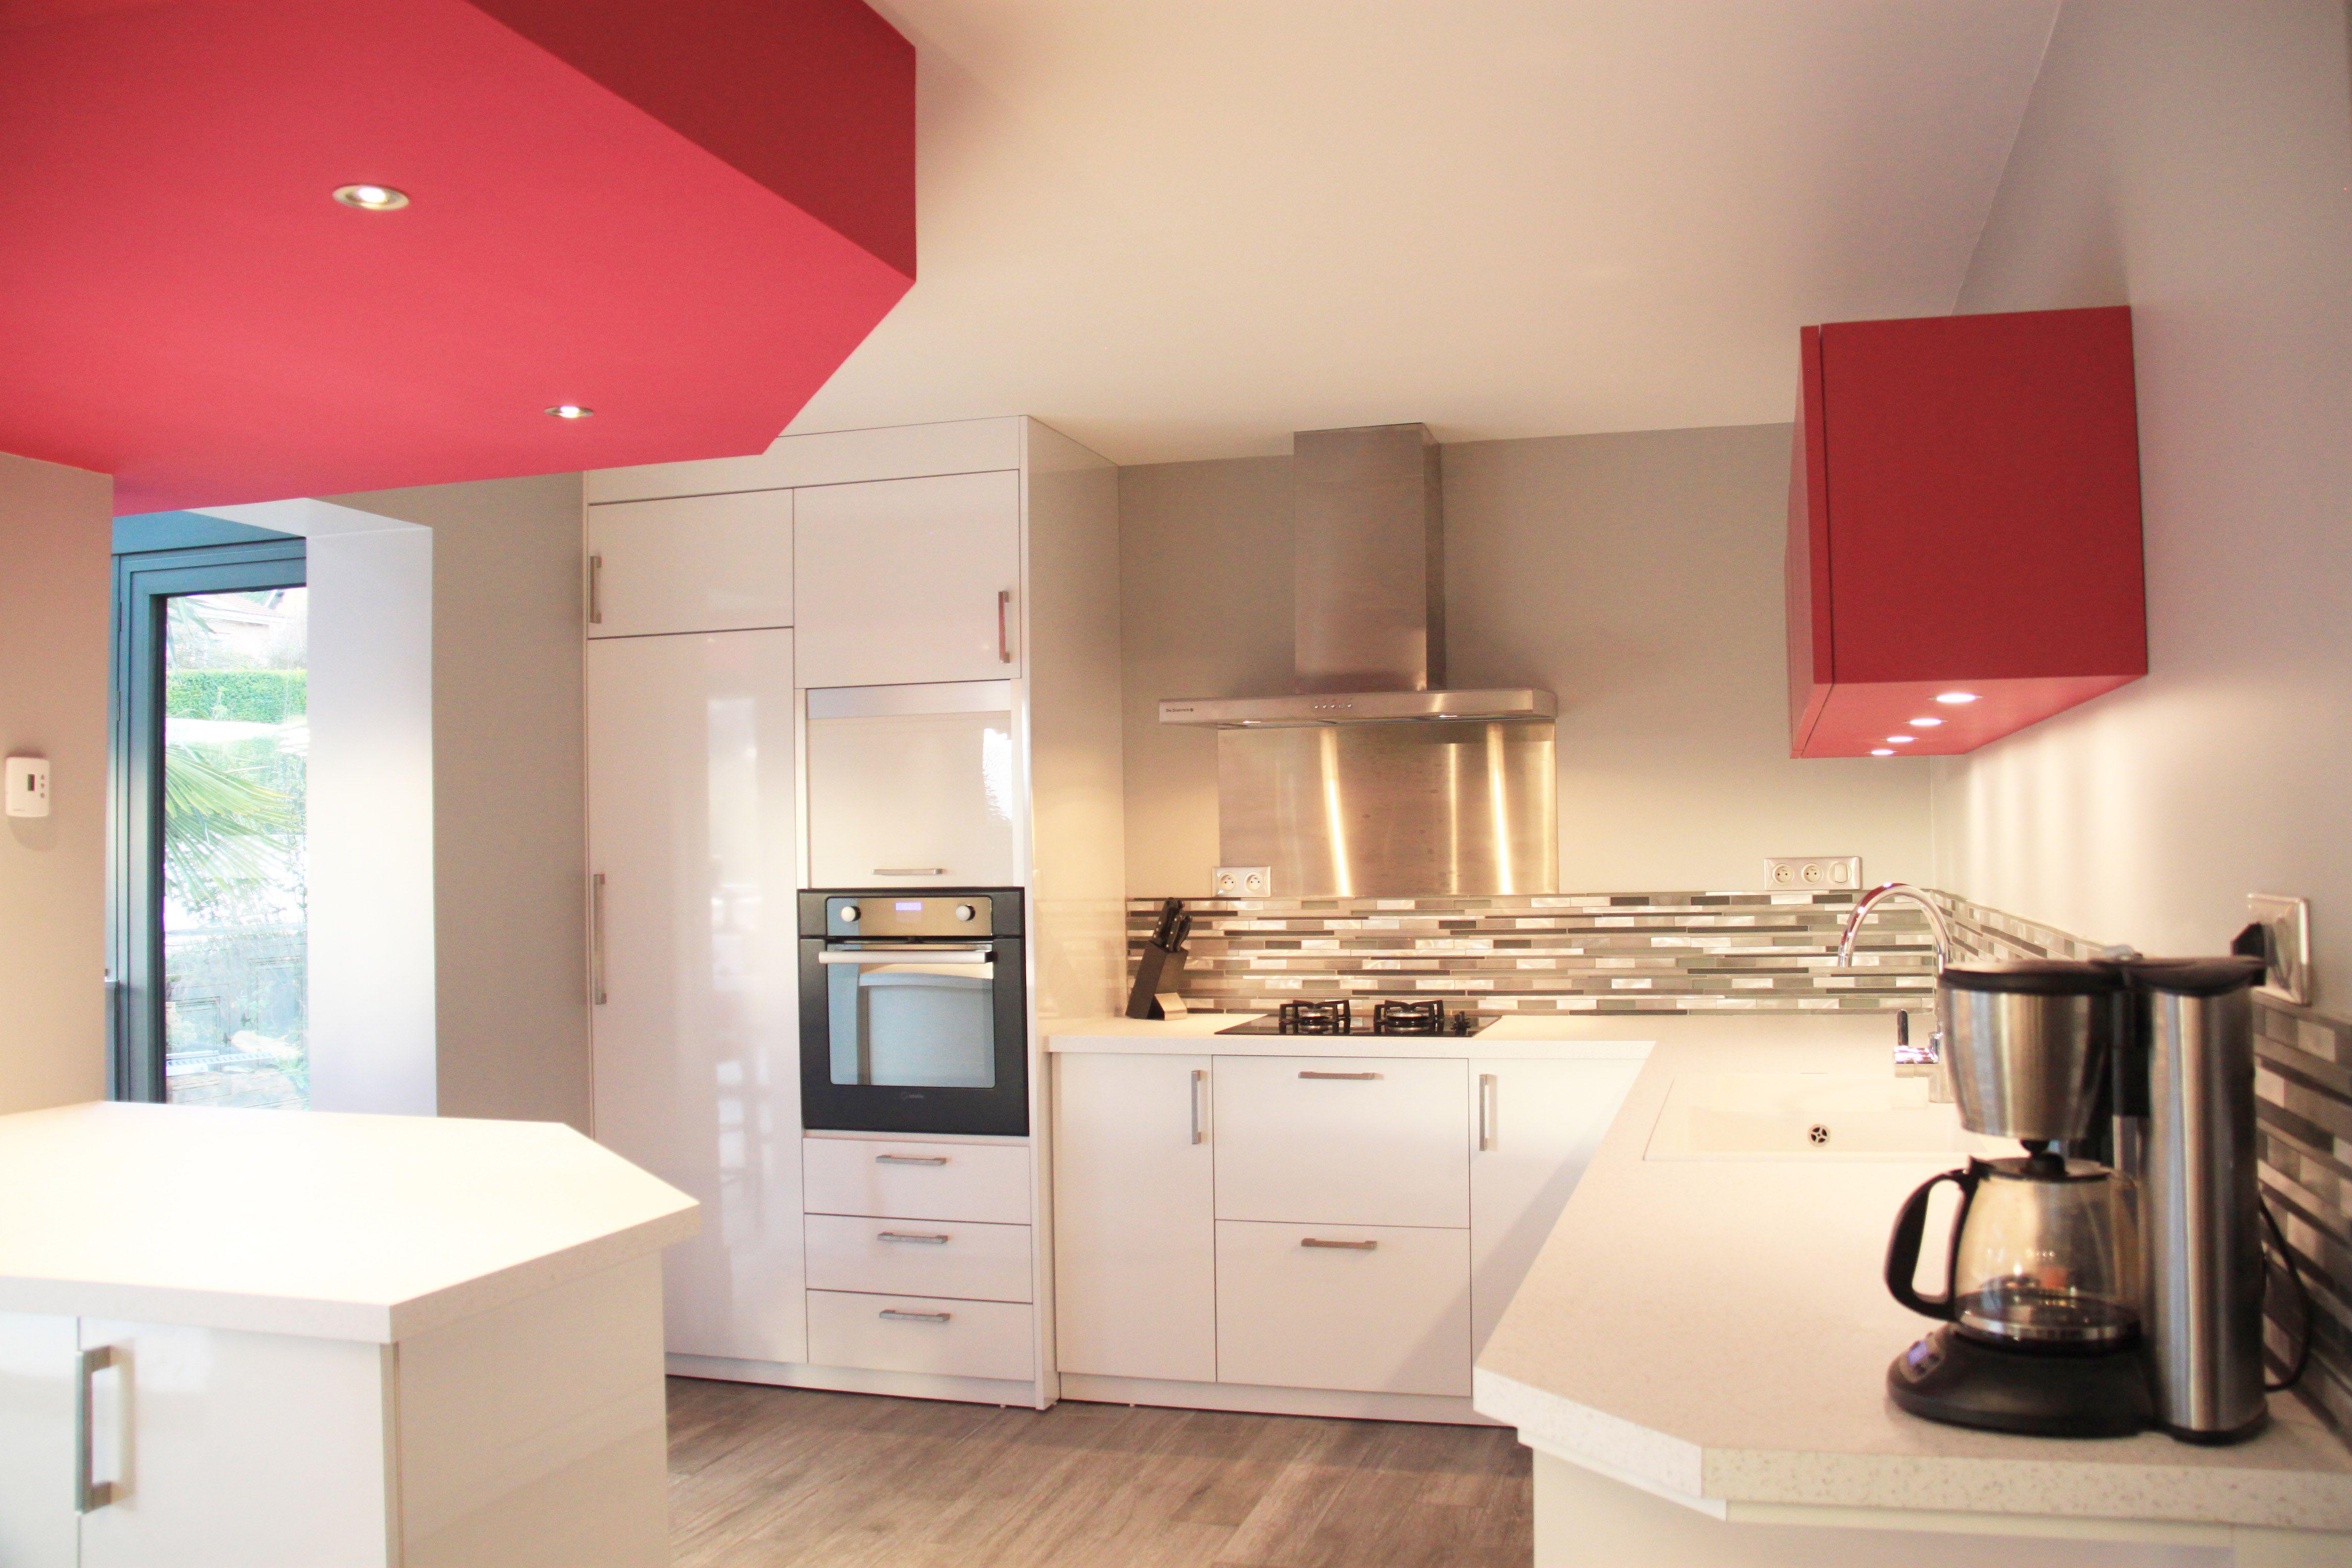 cuisine blanche laqu e avec touches de rose dans faux plafond et meuble de rangement haut le. Black Bedroom Furniture Sets. Home Design Ideas